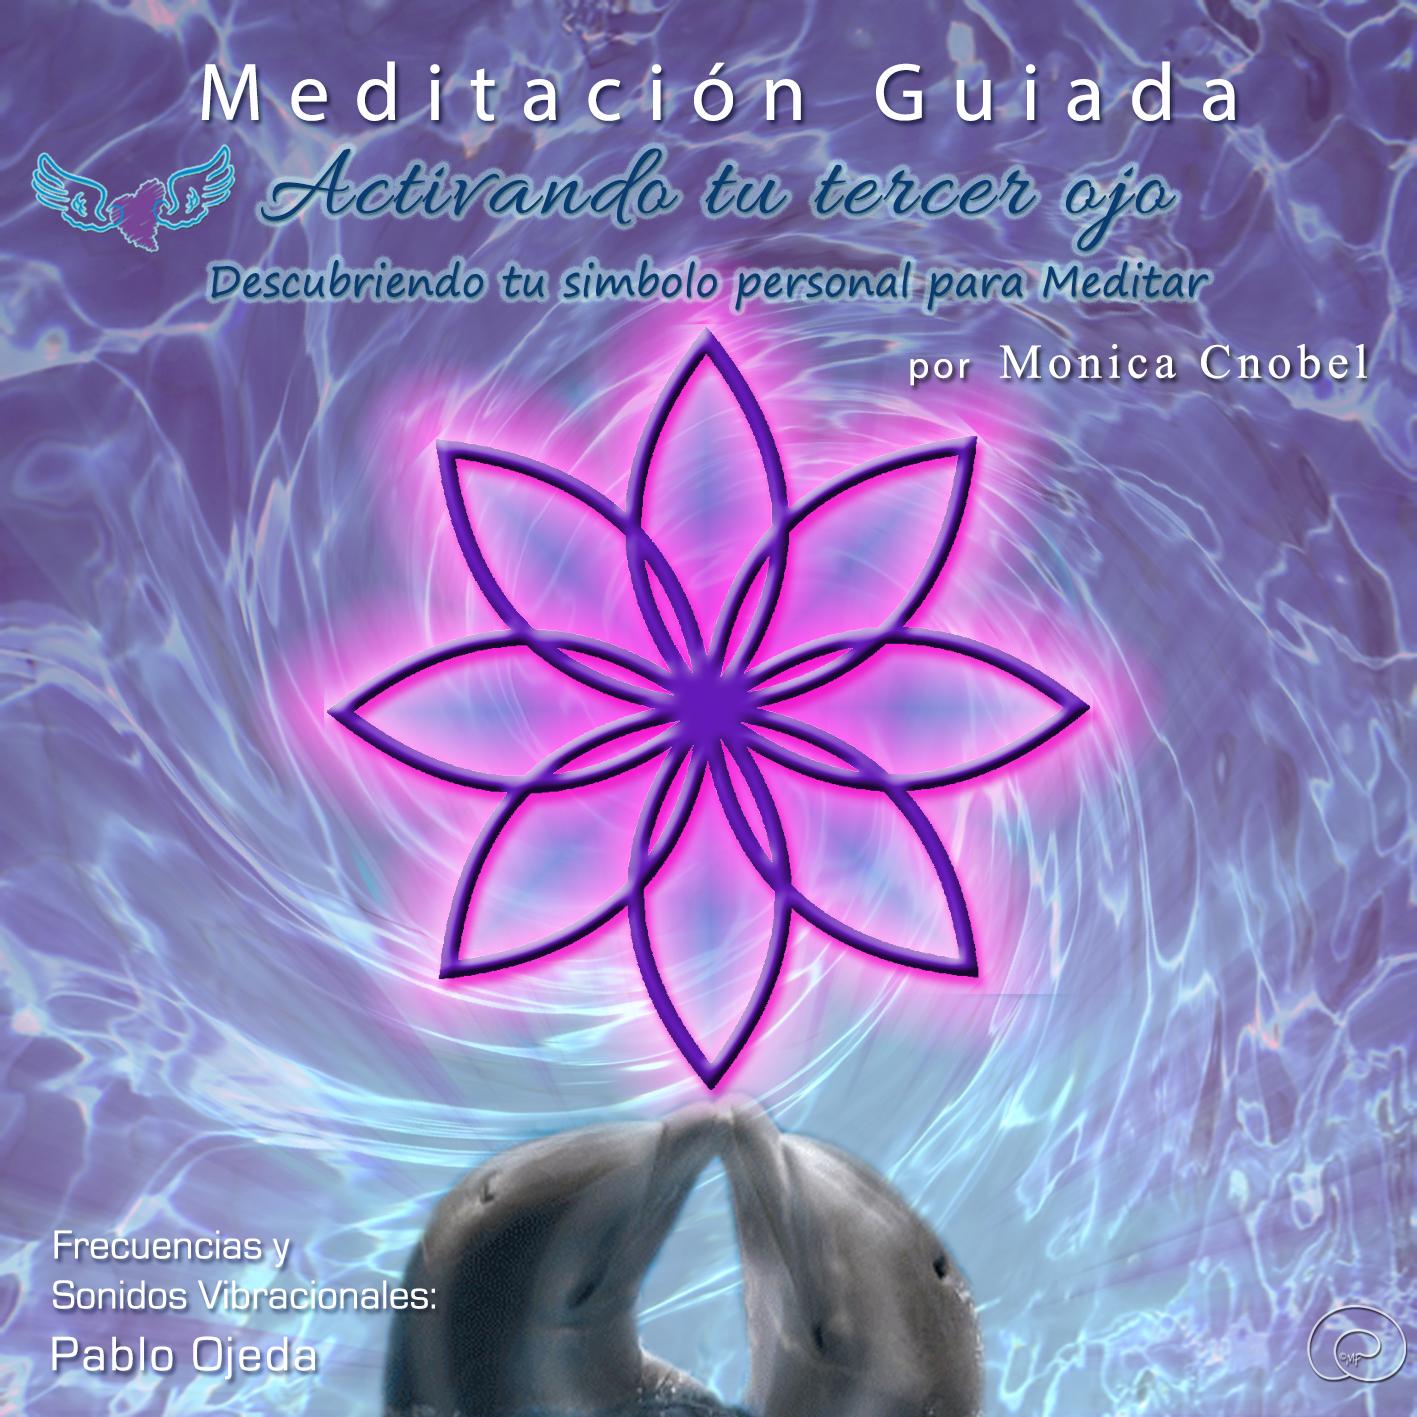 Meditacion activando el tercer ojo